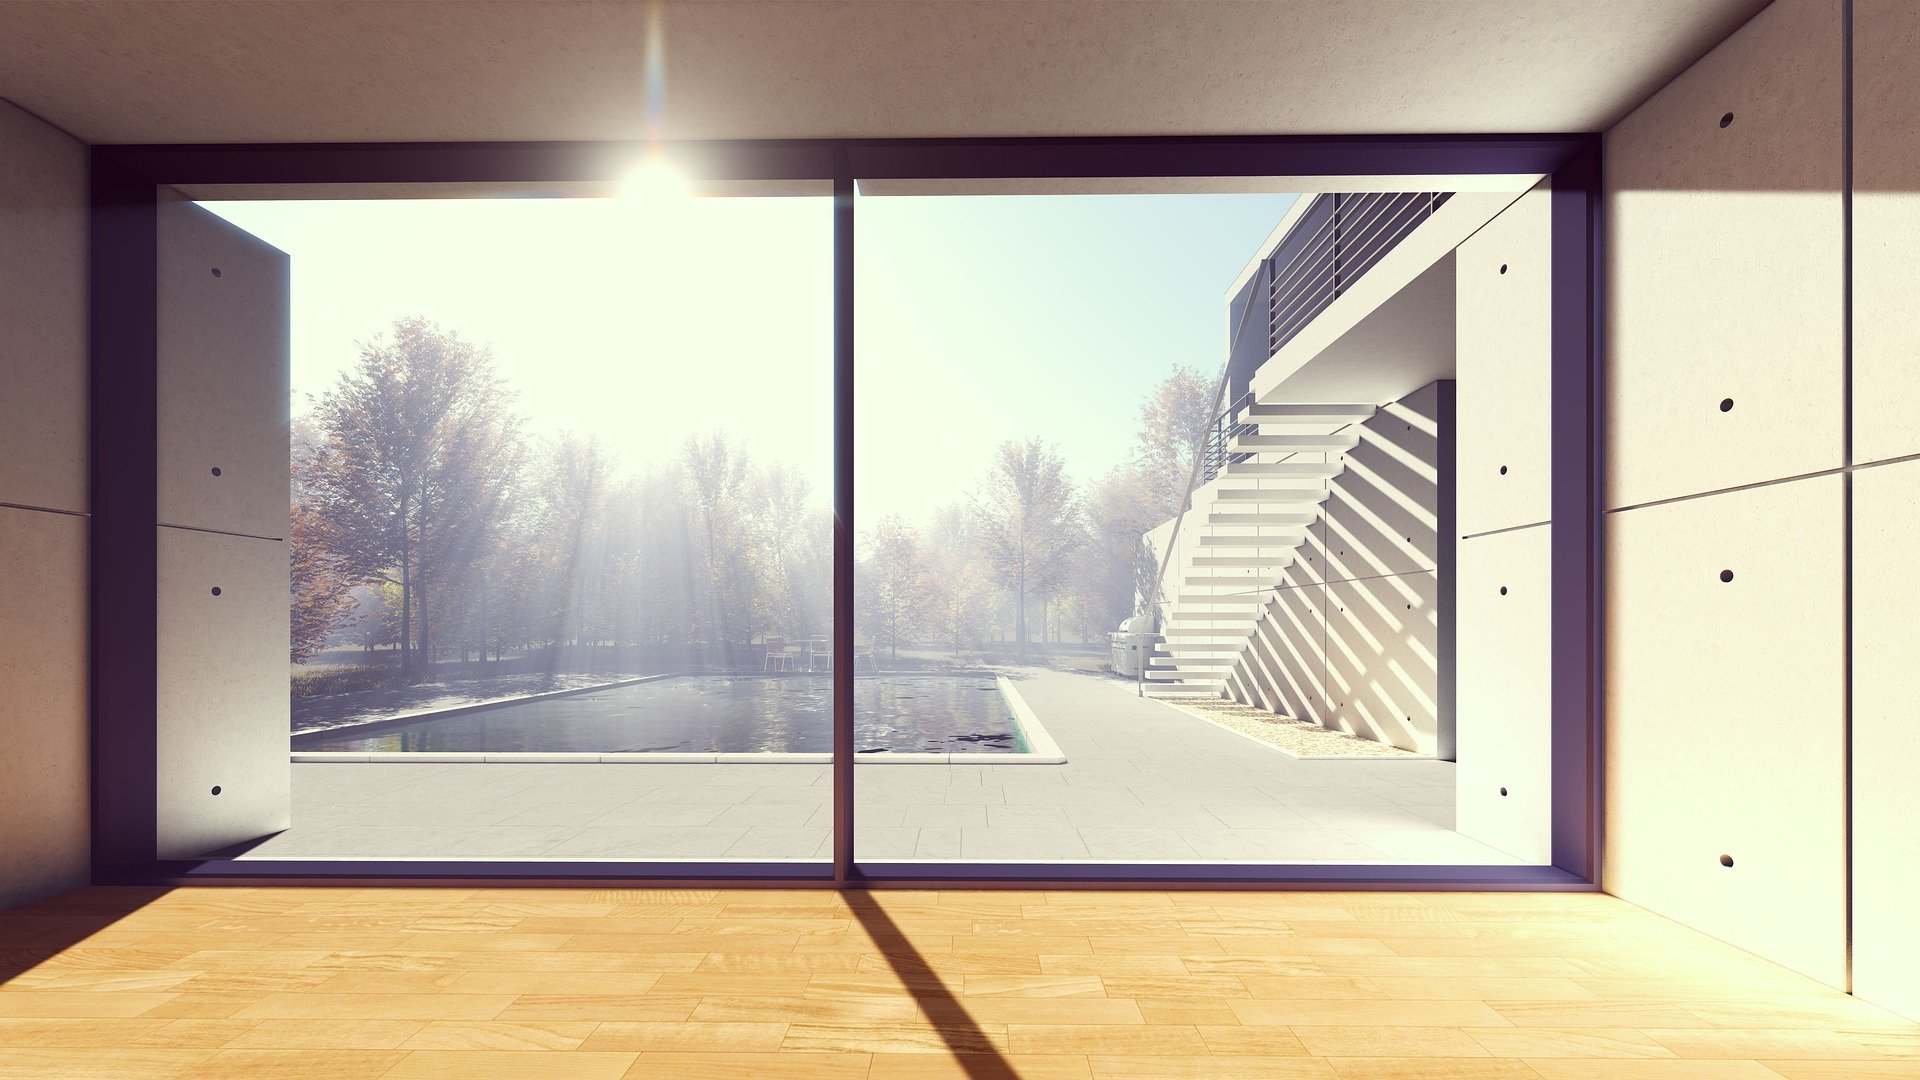 Portes et fenêtres : avantages des grandes surfaces vitrées